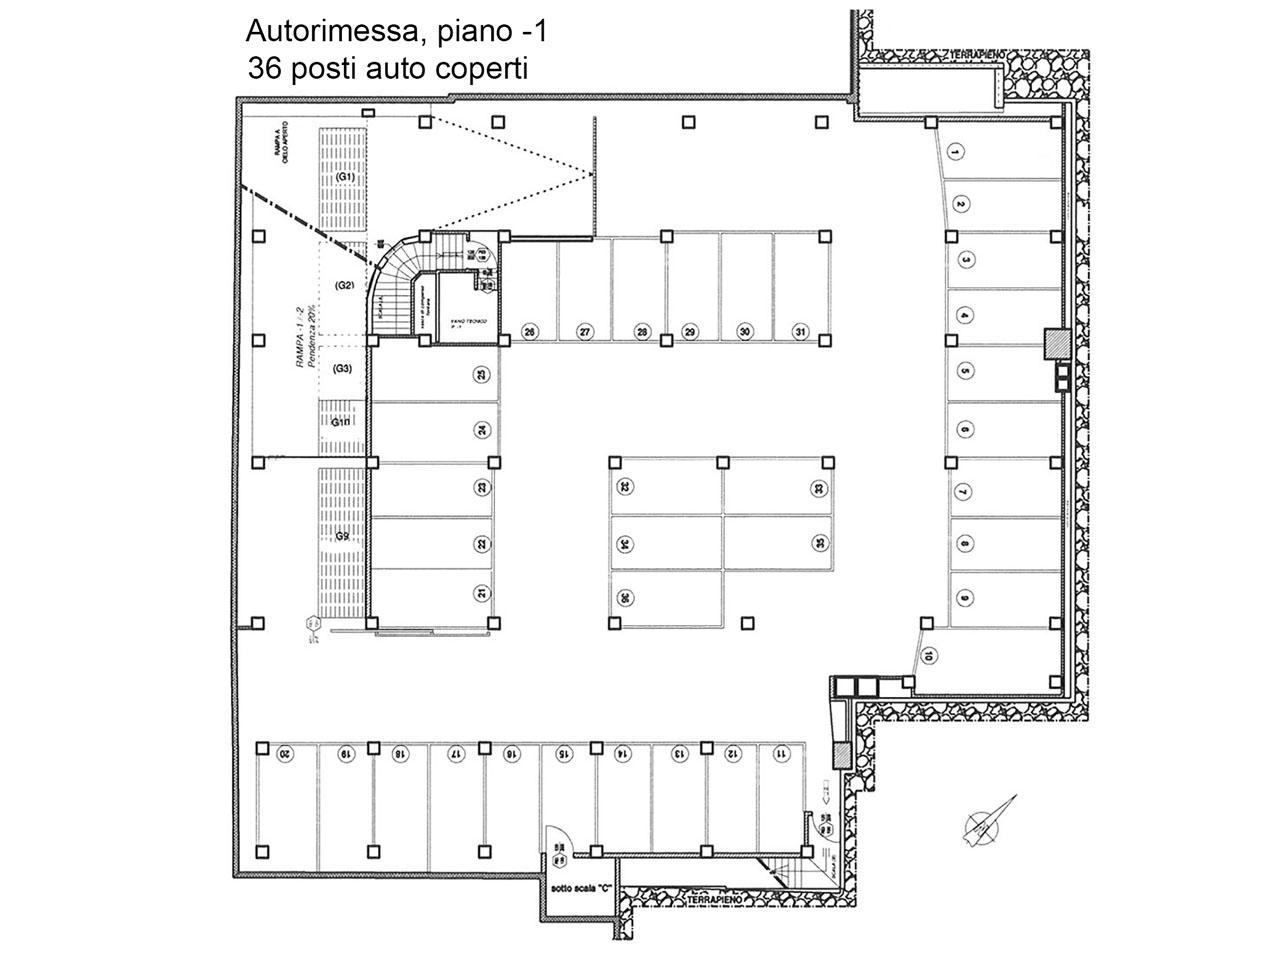 Planimetria della autorimessa al primo piano interrato - Atlantic Business Center - Milano via Fantoli 7